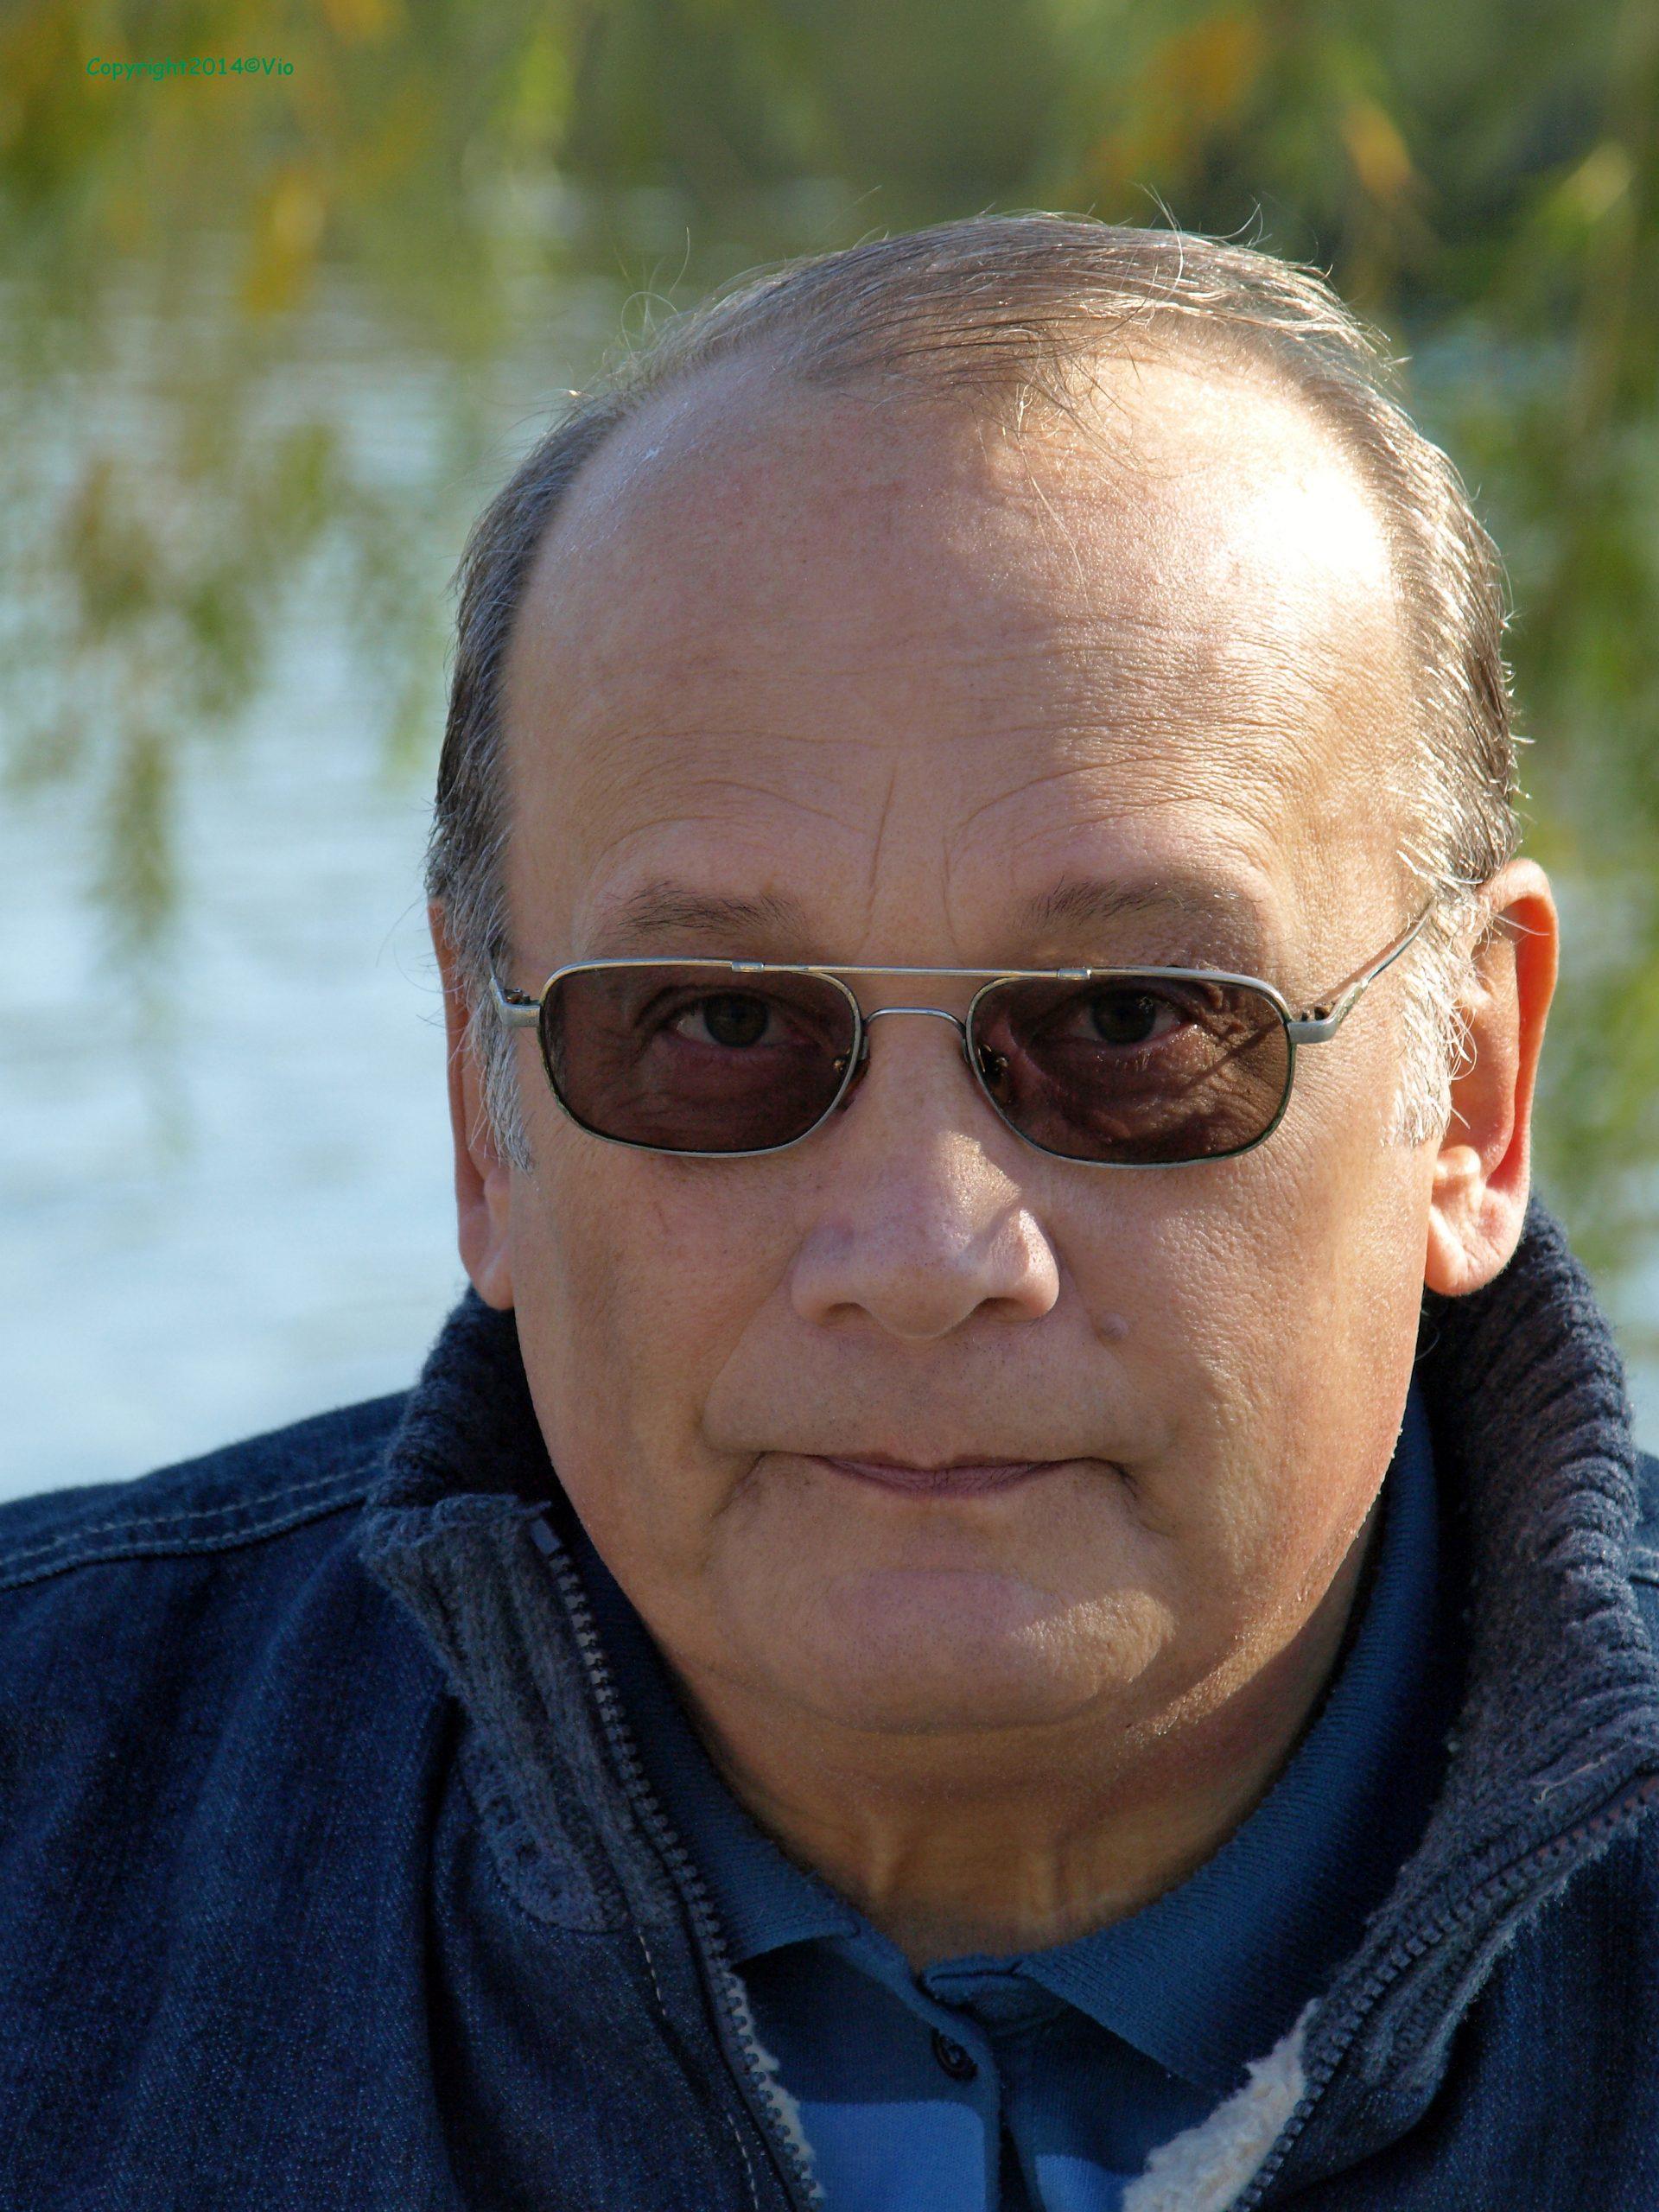 Viorel Marian Olteanu